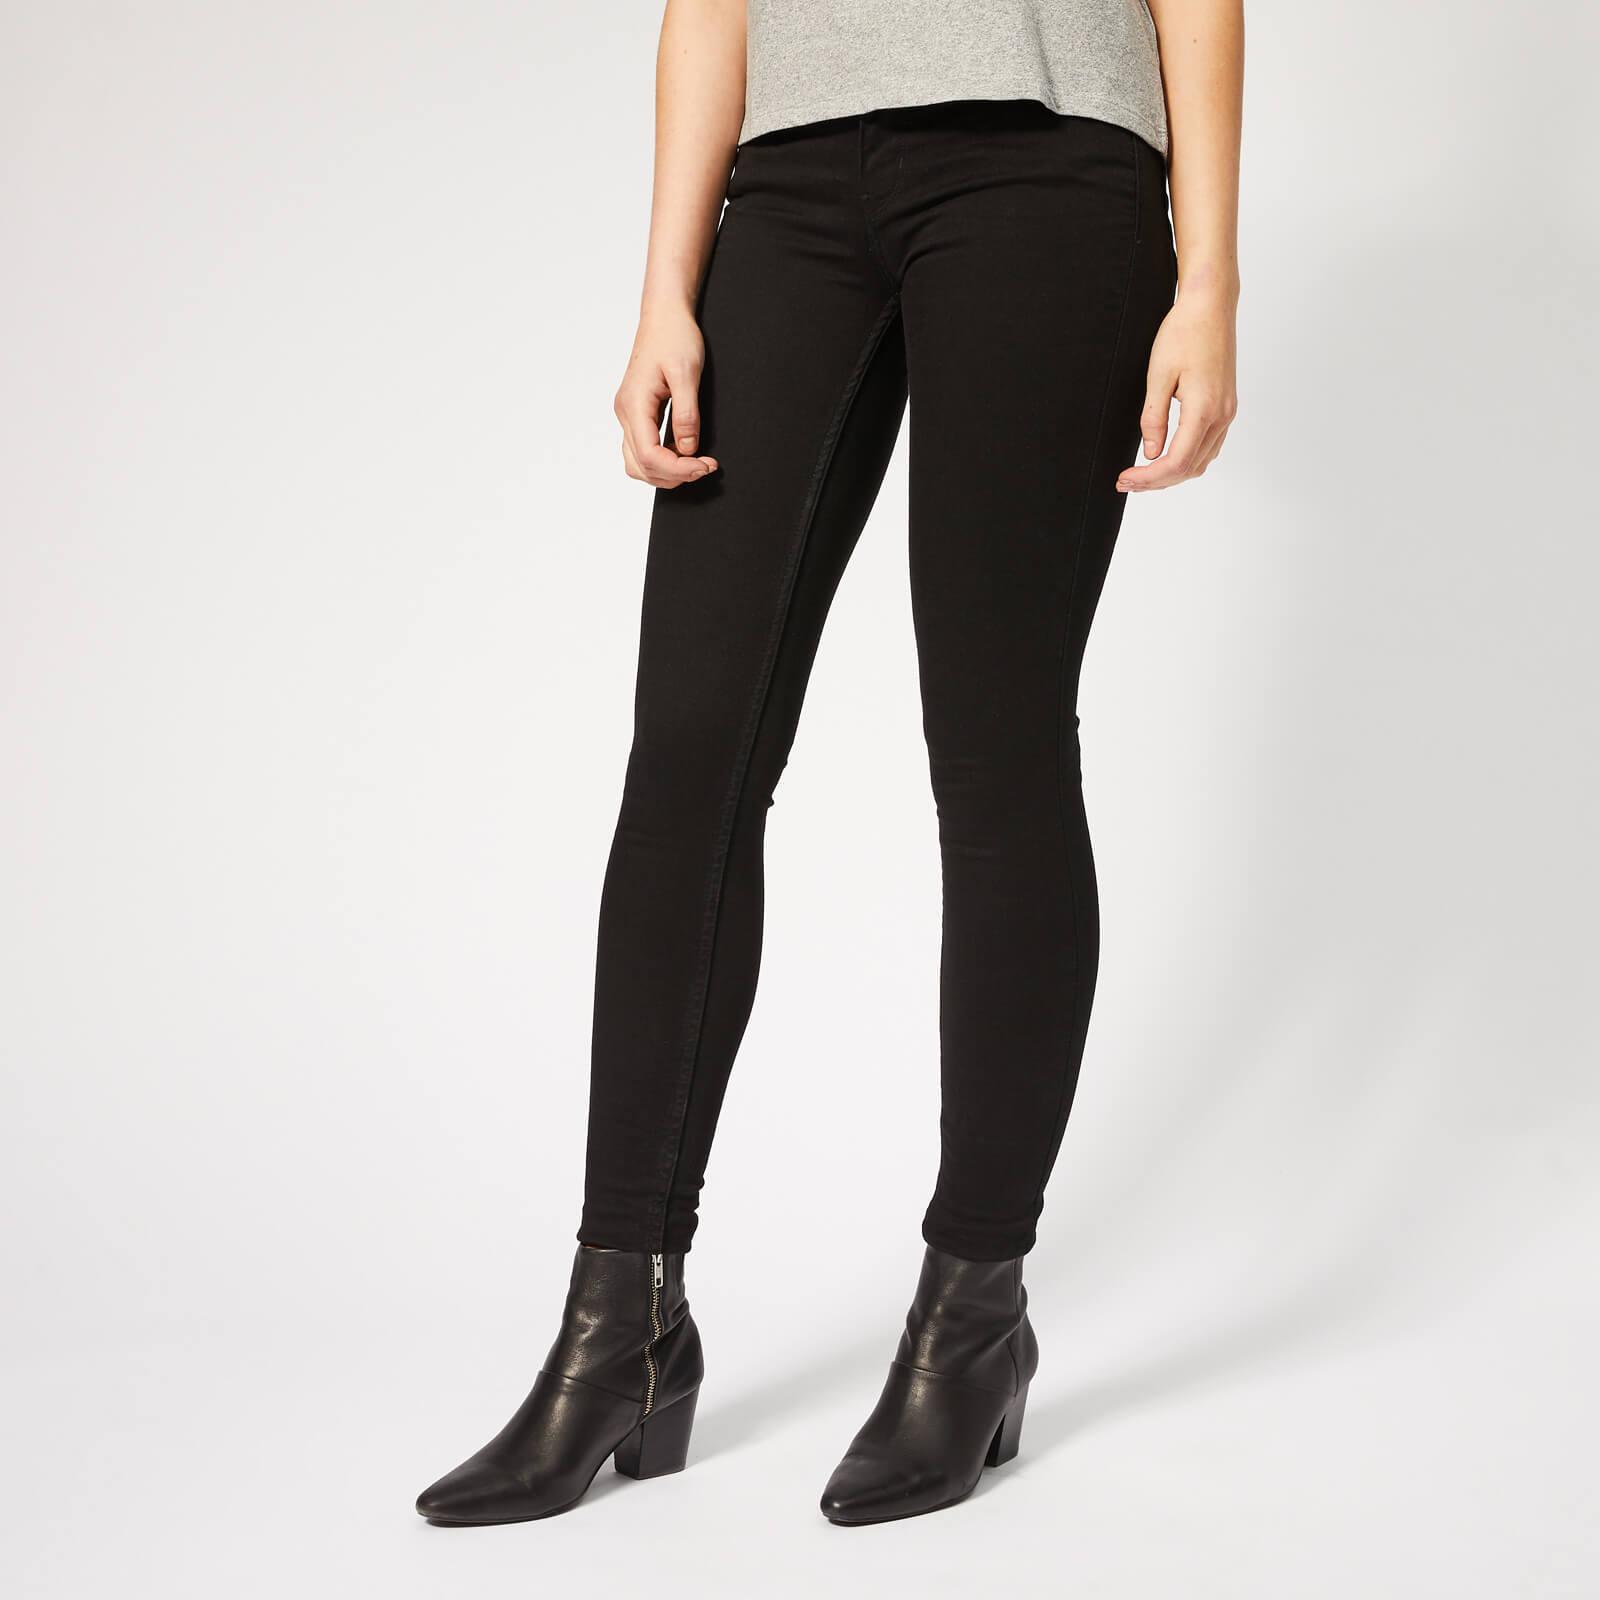 Levi's s Innovation Super Skinny Jeans - Black Galaxy - W29/L32